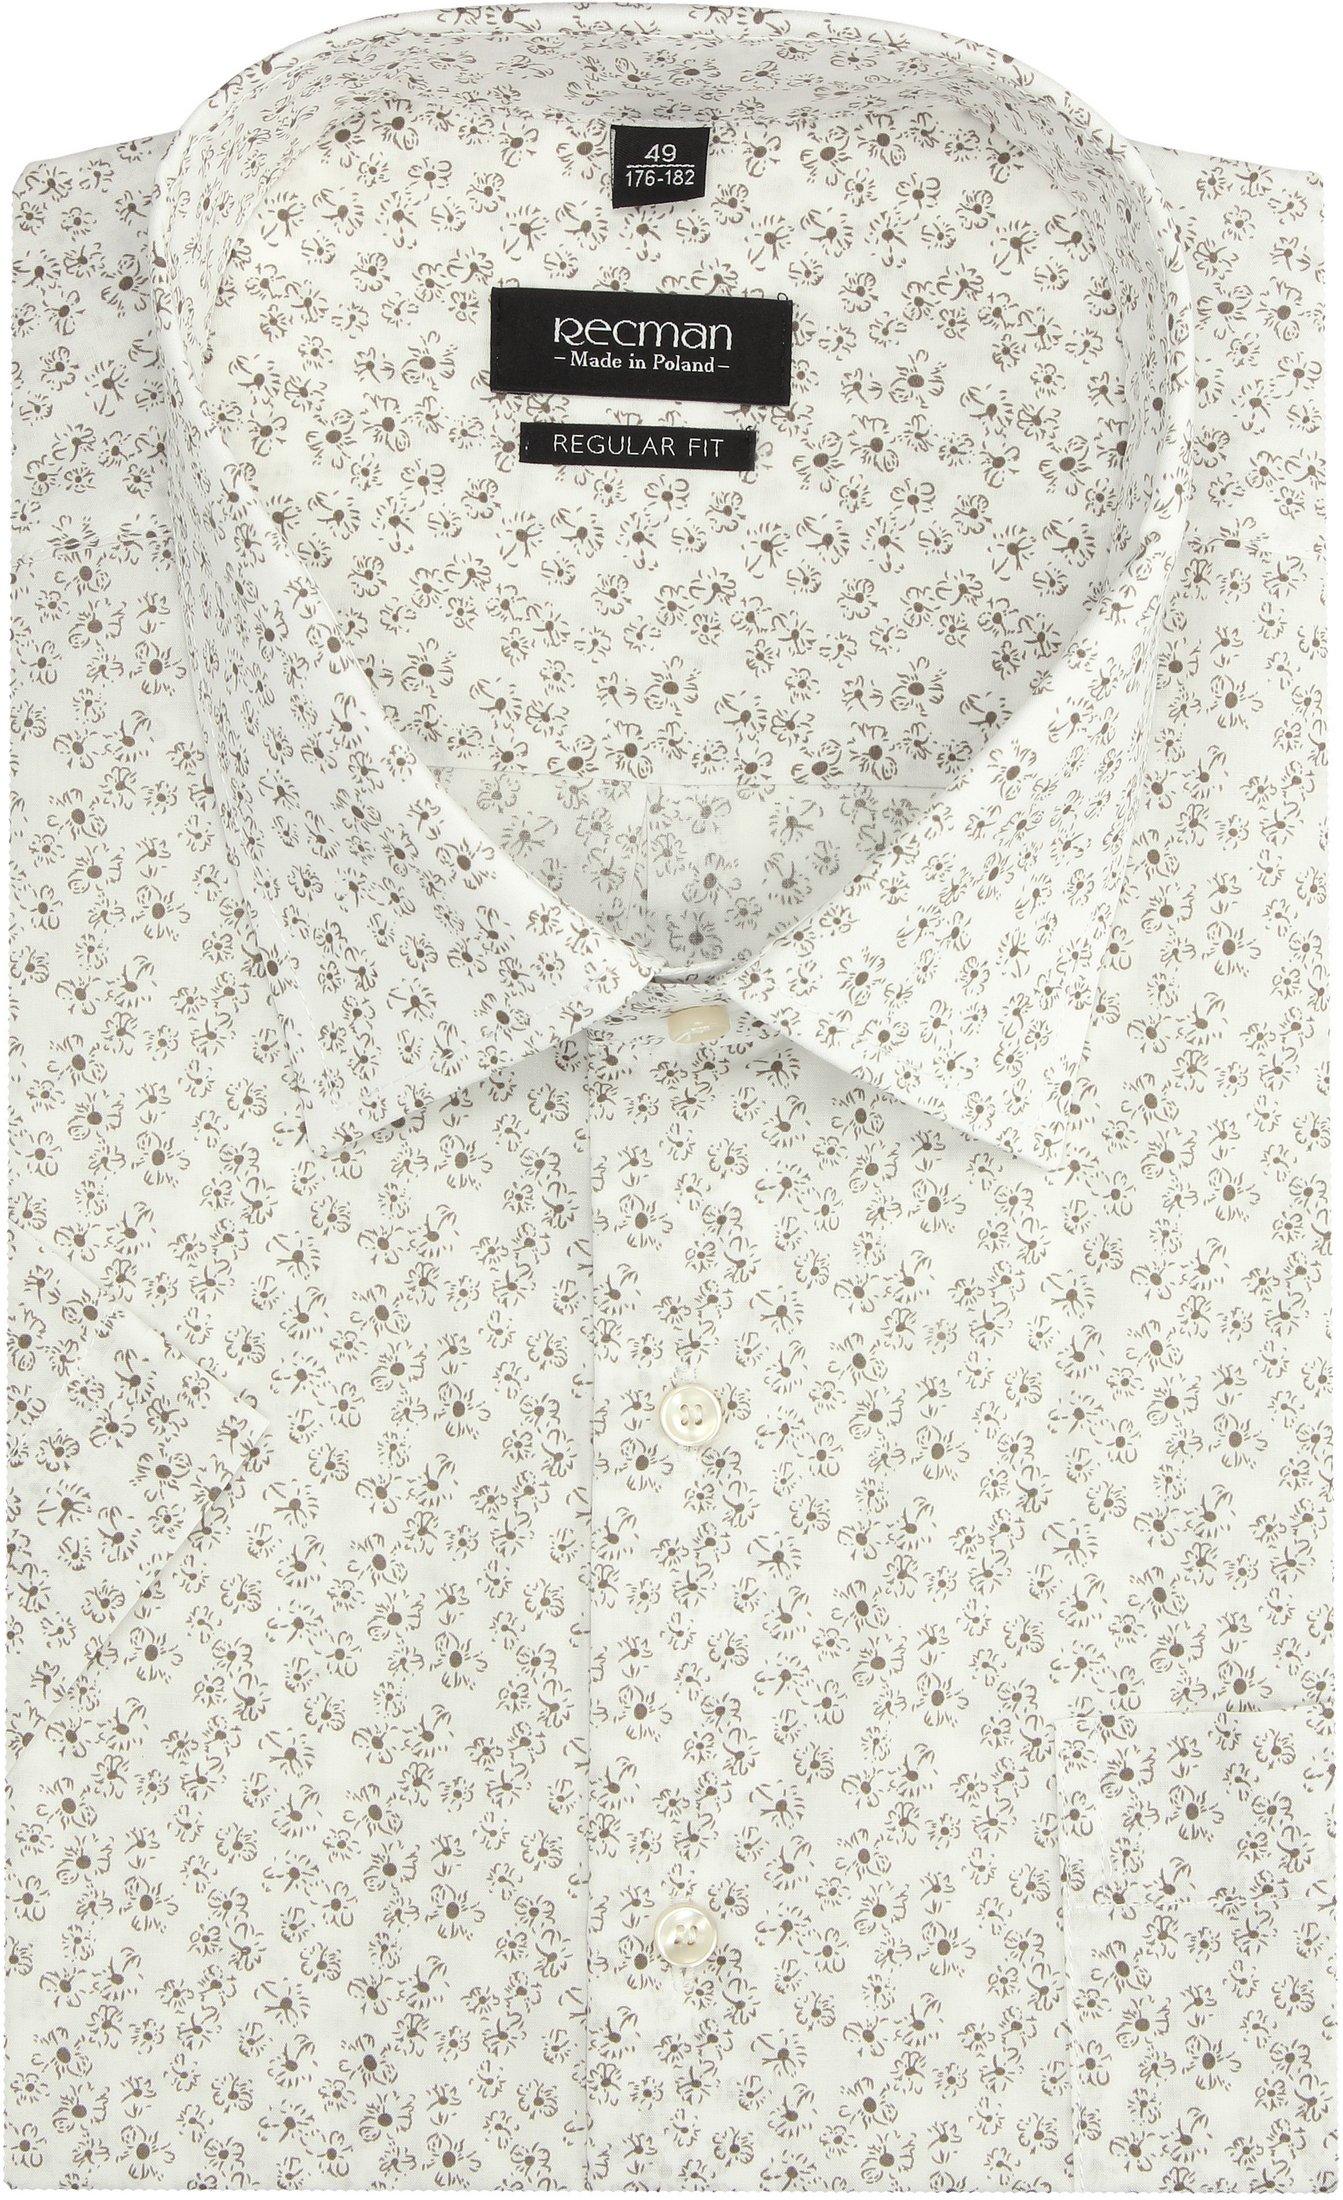 koszula bexley 2836 krótki rękaw regular fit beż